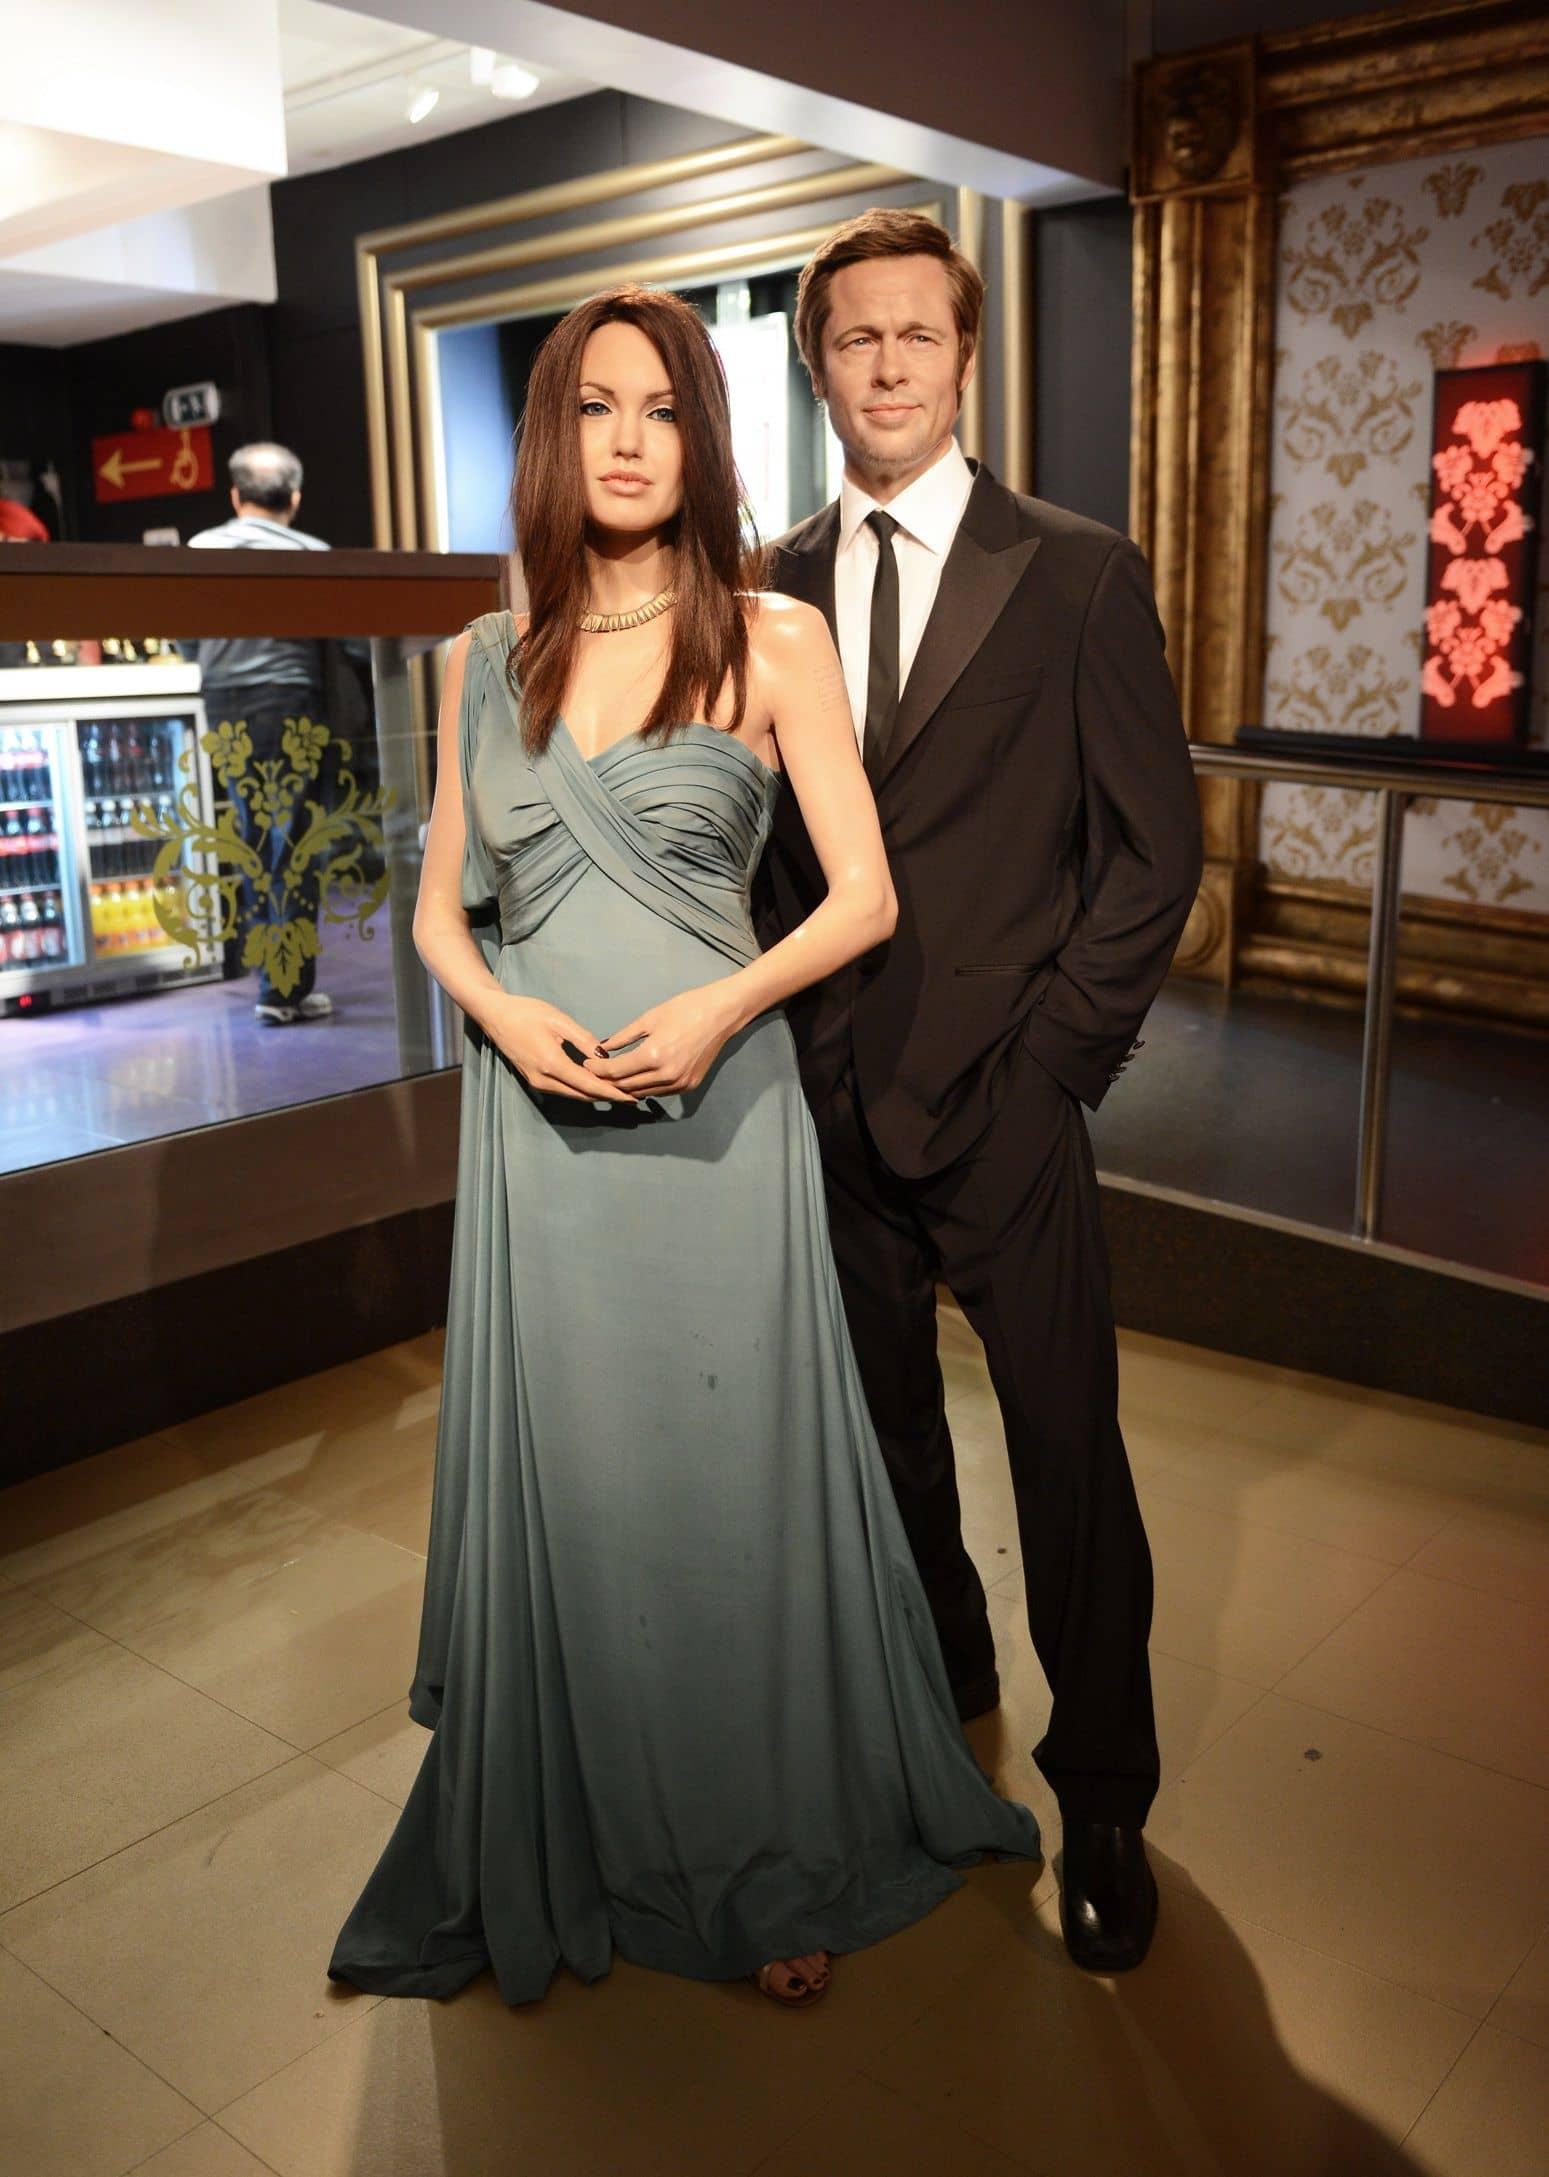 アンジェリーナ・ジョリー Angelina Jolie ブラッド・ピット Brad Pitt ろう人形